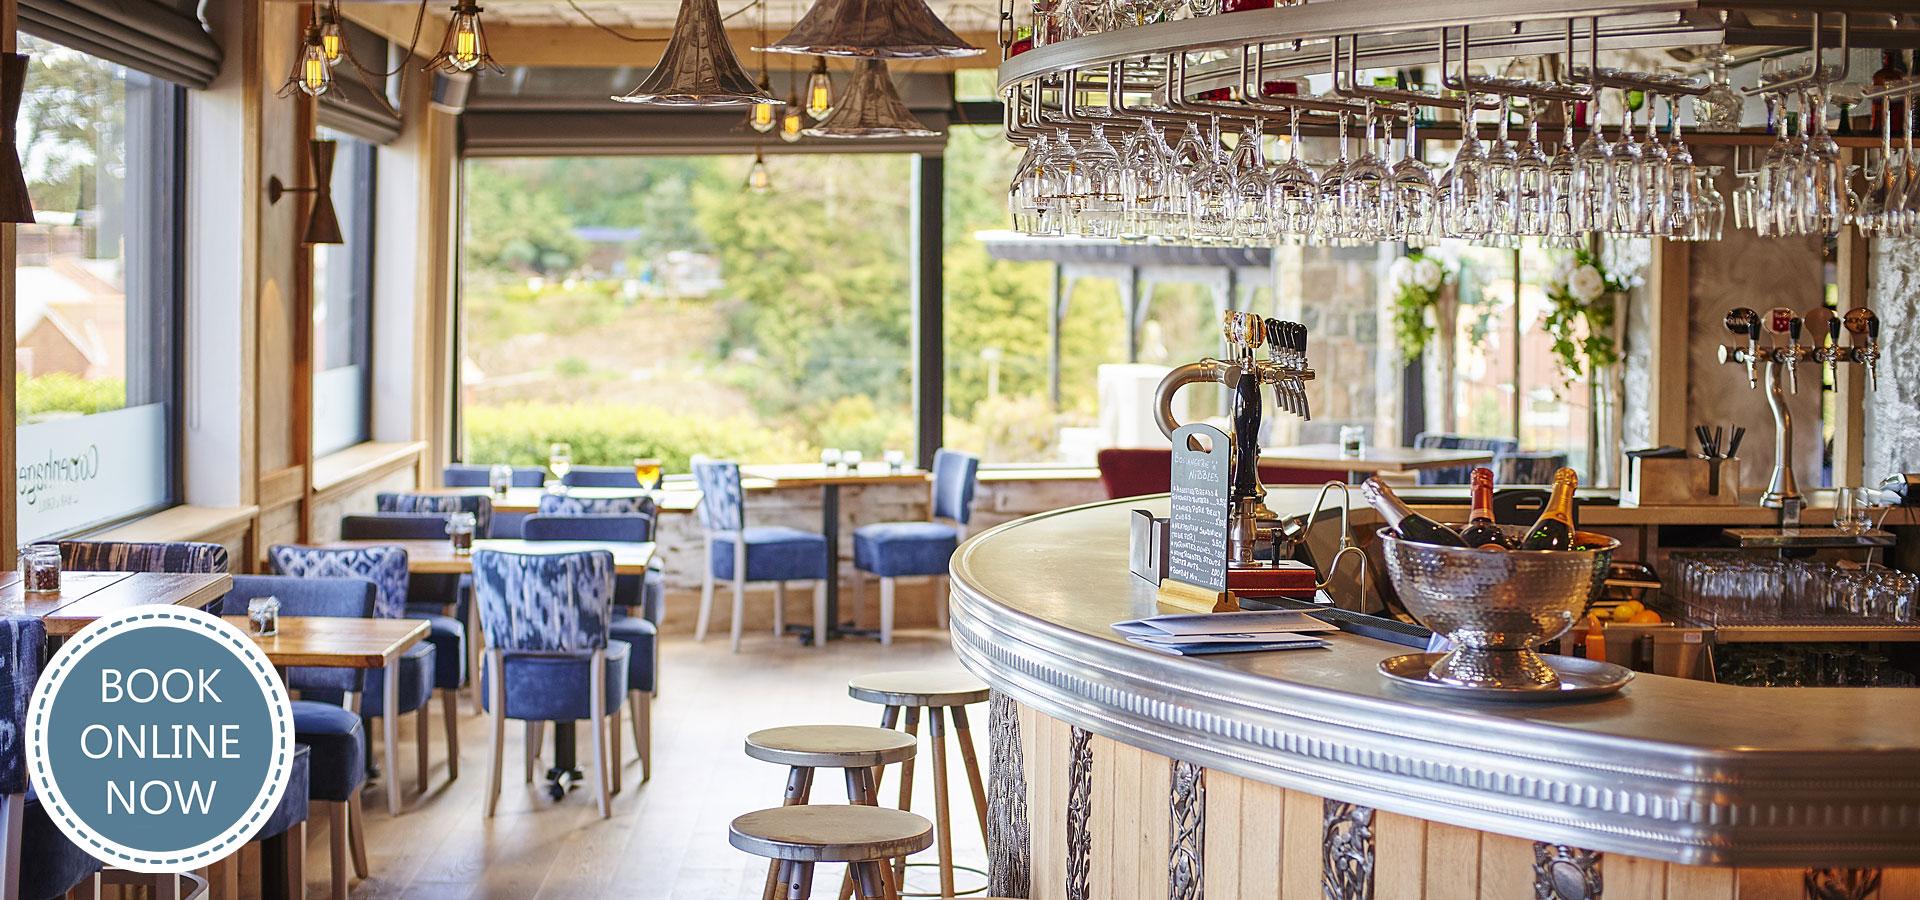 Copenhagen Restaurant St Peter Port Guernsey